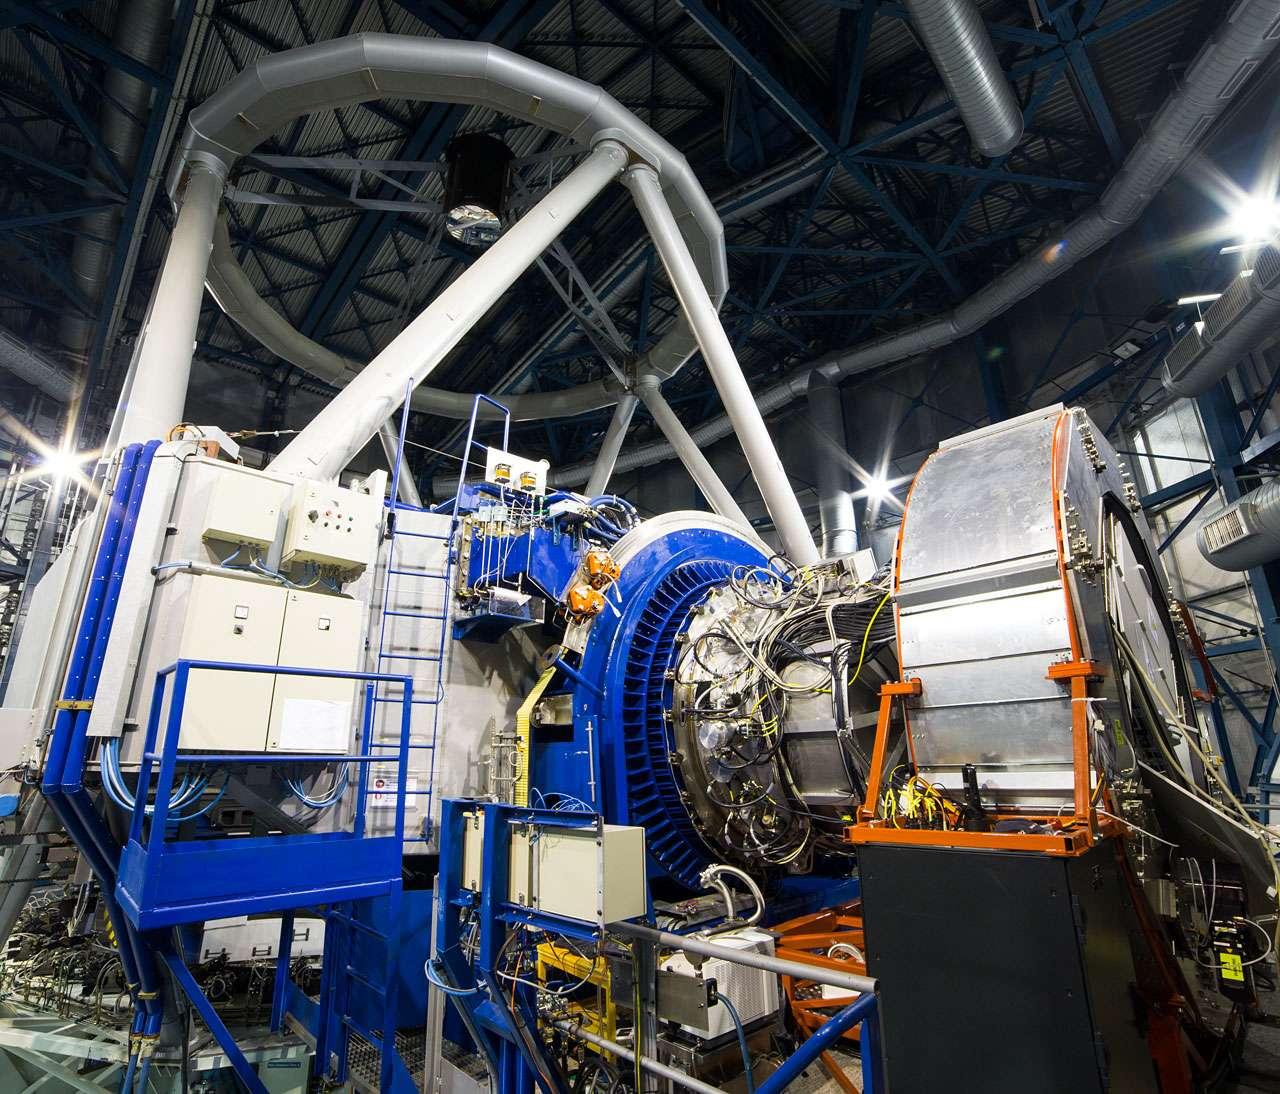 L'instrument KMos installé au foyer du Very Large Telescope (VLT) de l'ESO à l'observatoire de Paranal au Chili. Sur cette image, KMos est la structure argentée au centre, entourée par l'anneau bleu qui le connecte au télescope unitaire 1 du VLT, qui apparaît sur la gauche. Sur la droite, le grand cylindre argenté supporte l'ensemble de l'électronique de KMos et lui permet de tourner quand le télescope se déplace sur le ciel. © ESO, G. Lombardi